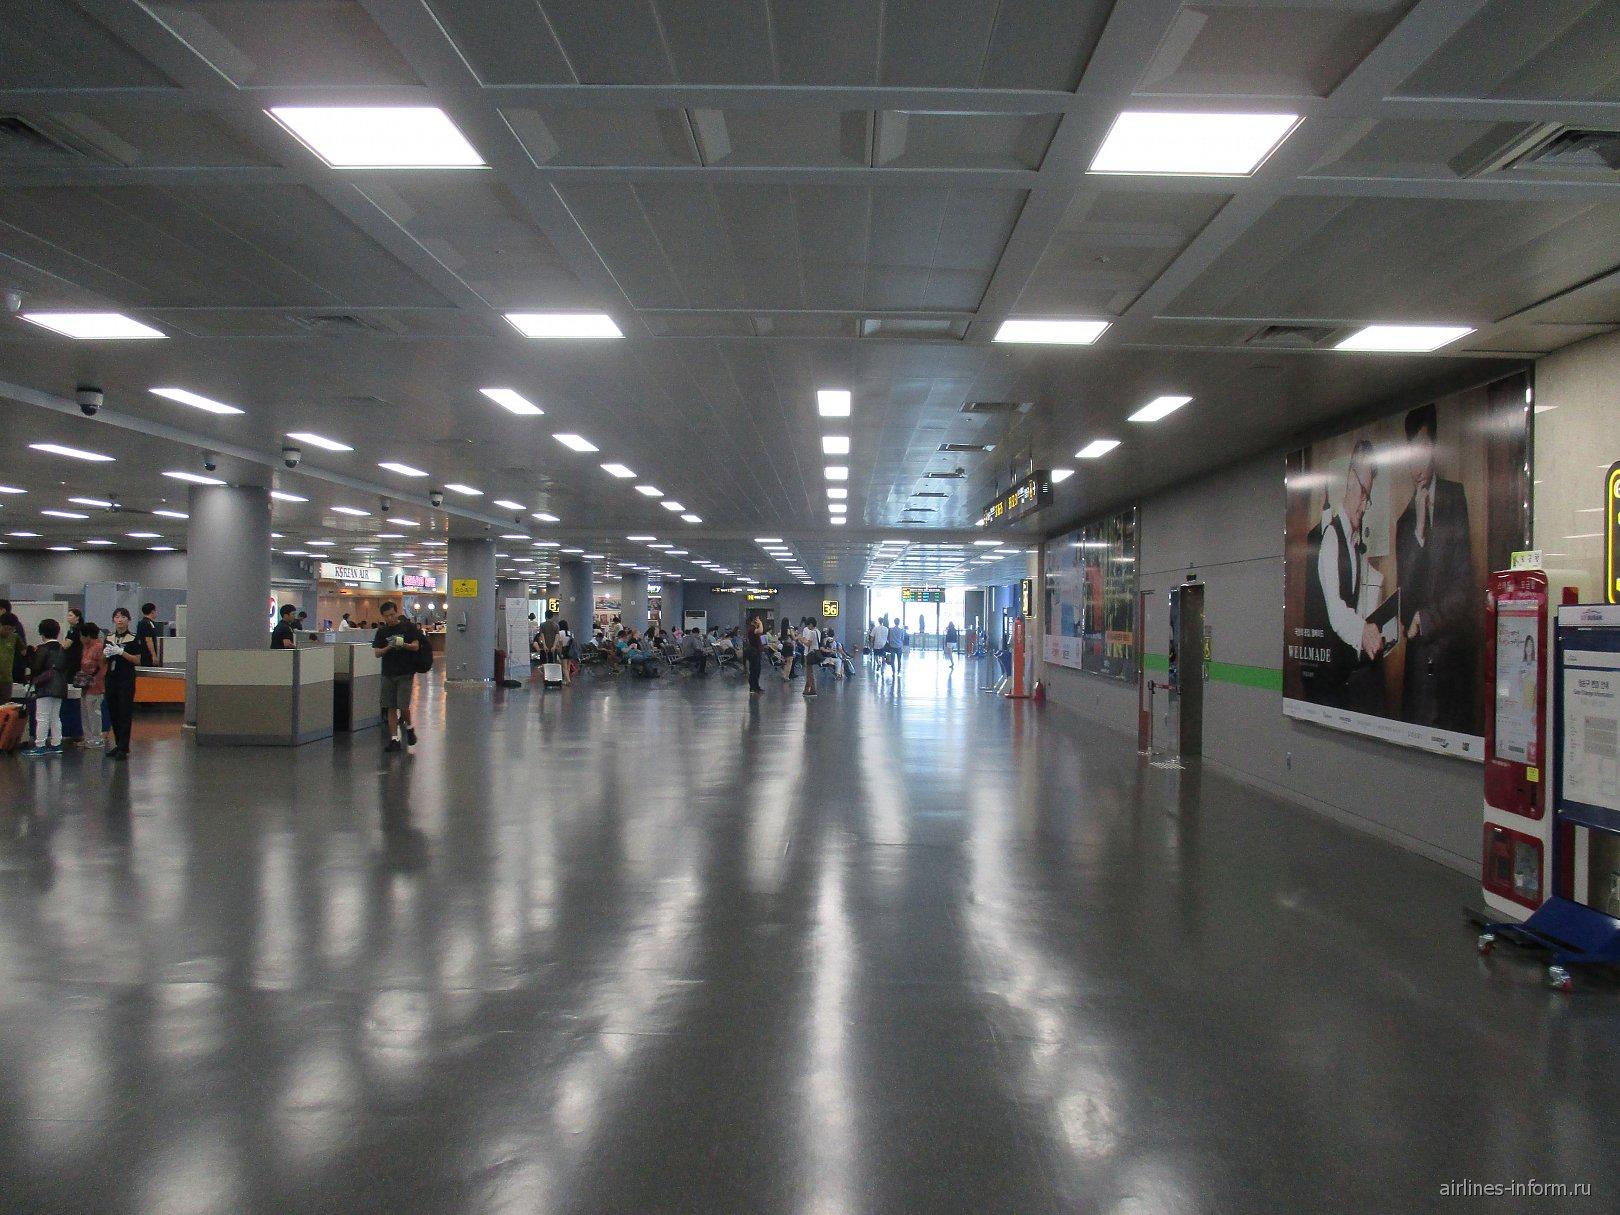 В чистой зоне терминала внутренних рейсов аэропорта Пусан Гимхэ